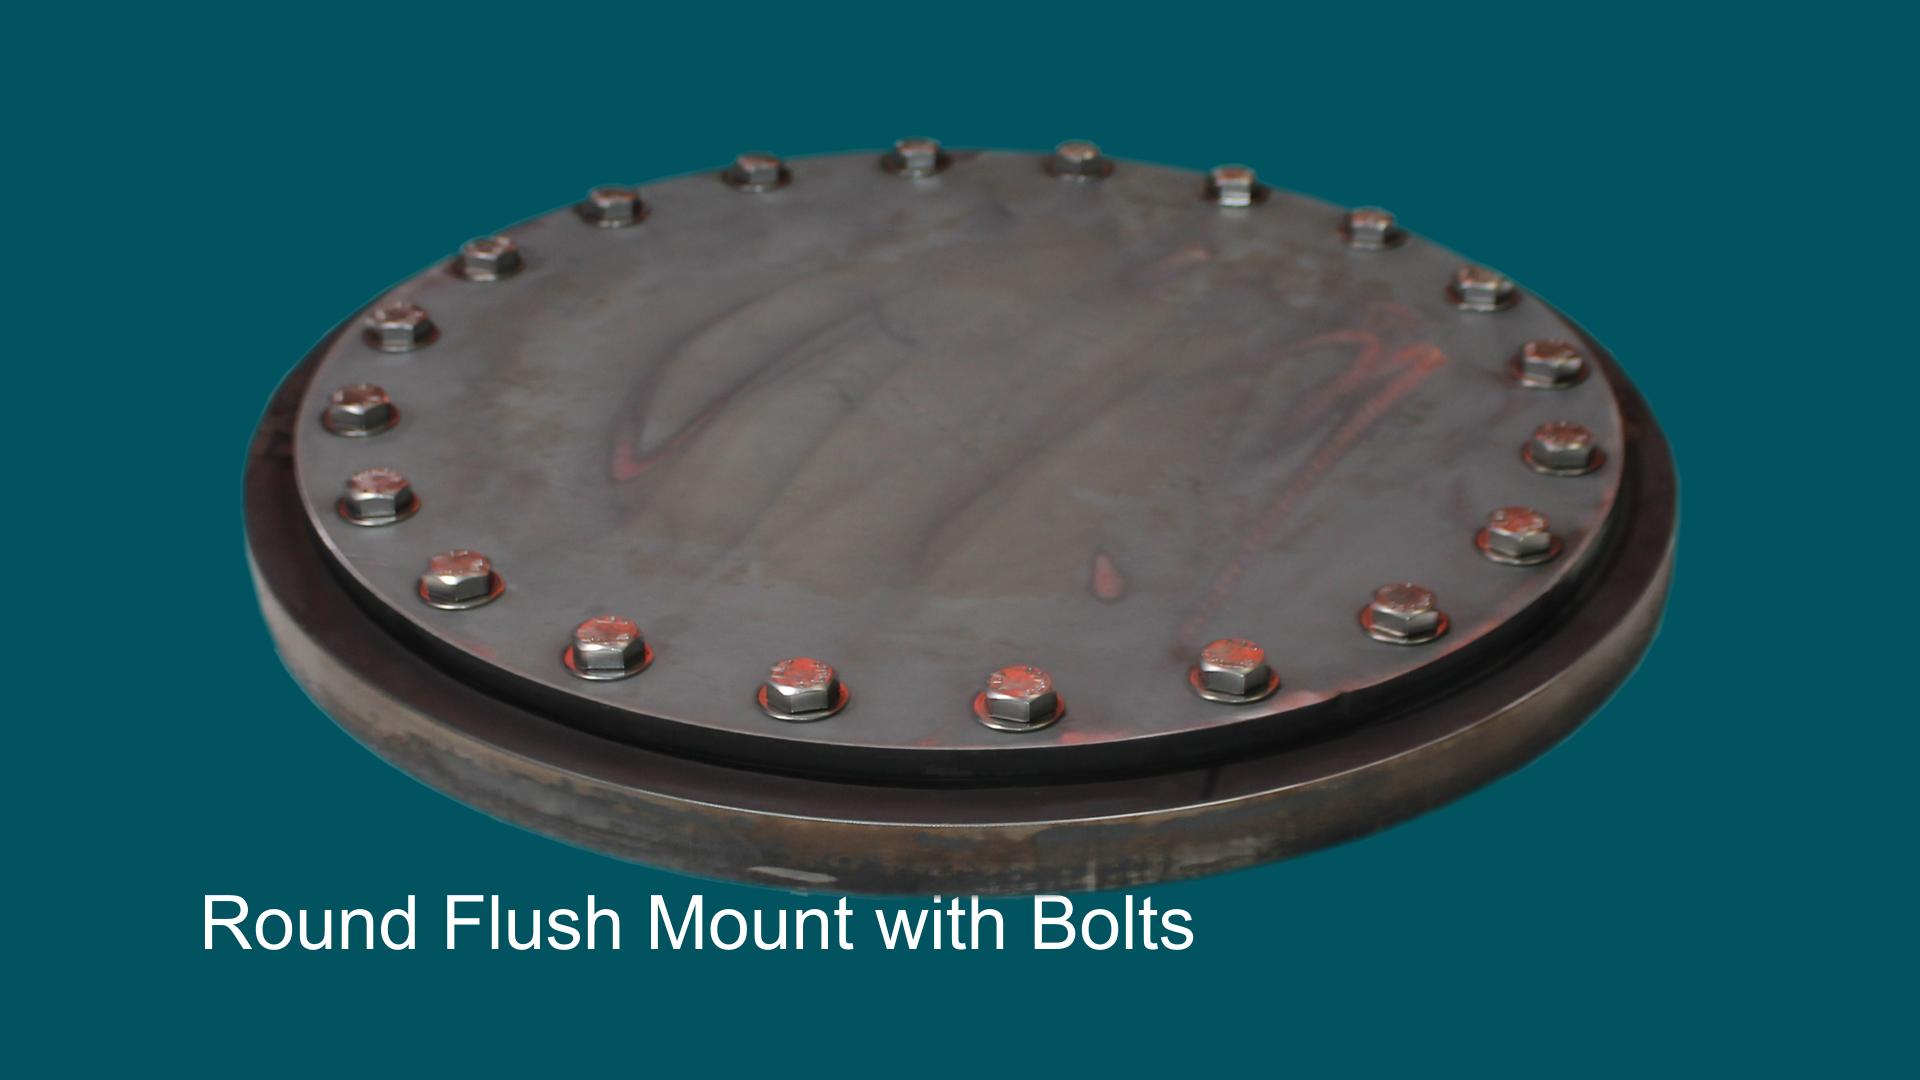 Round flush